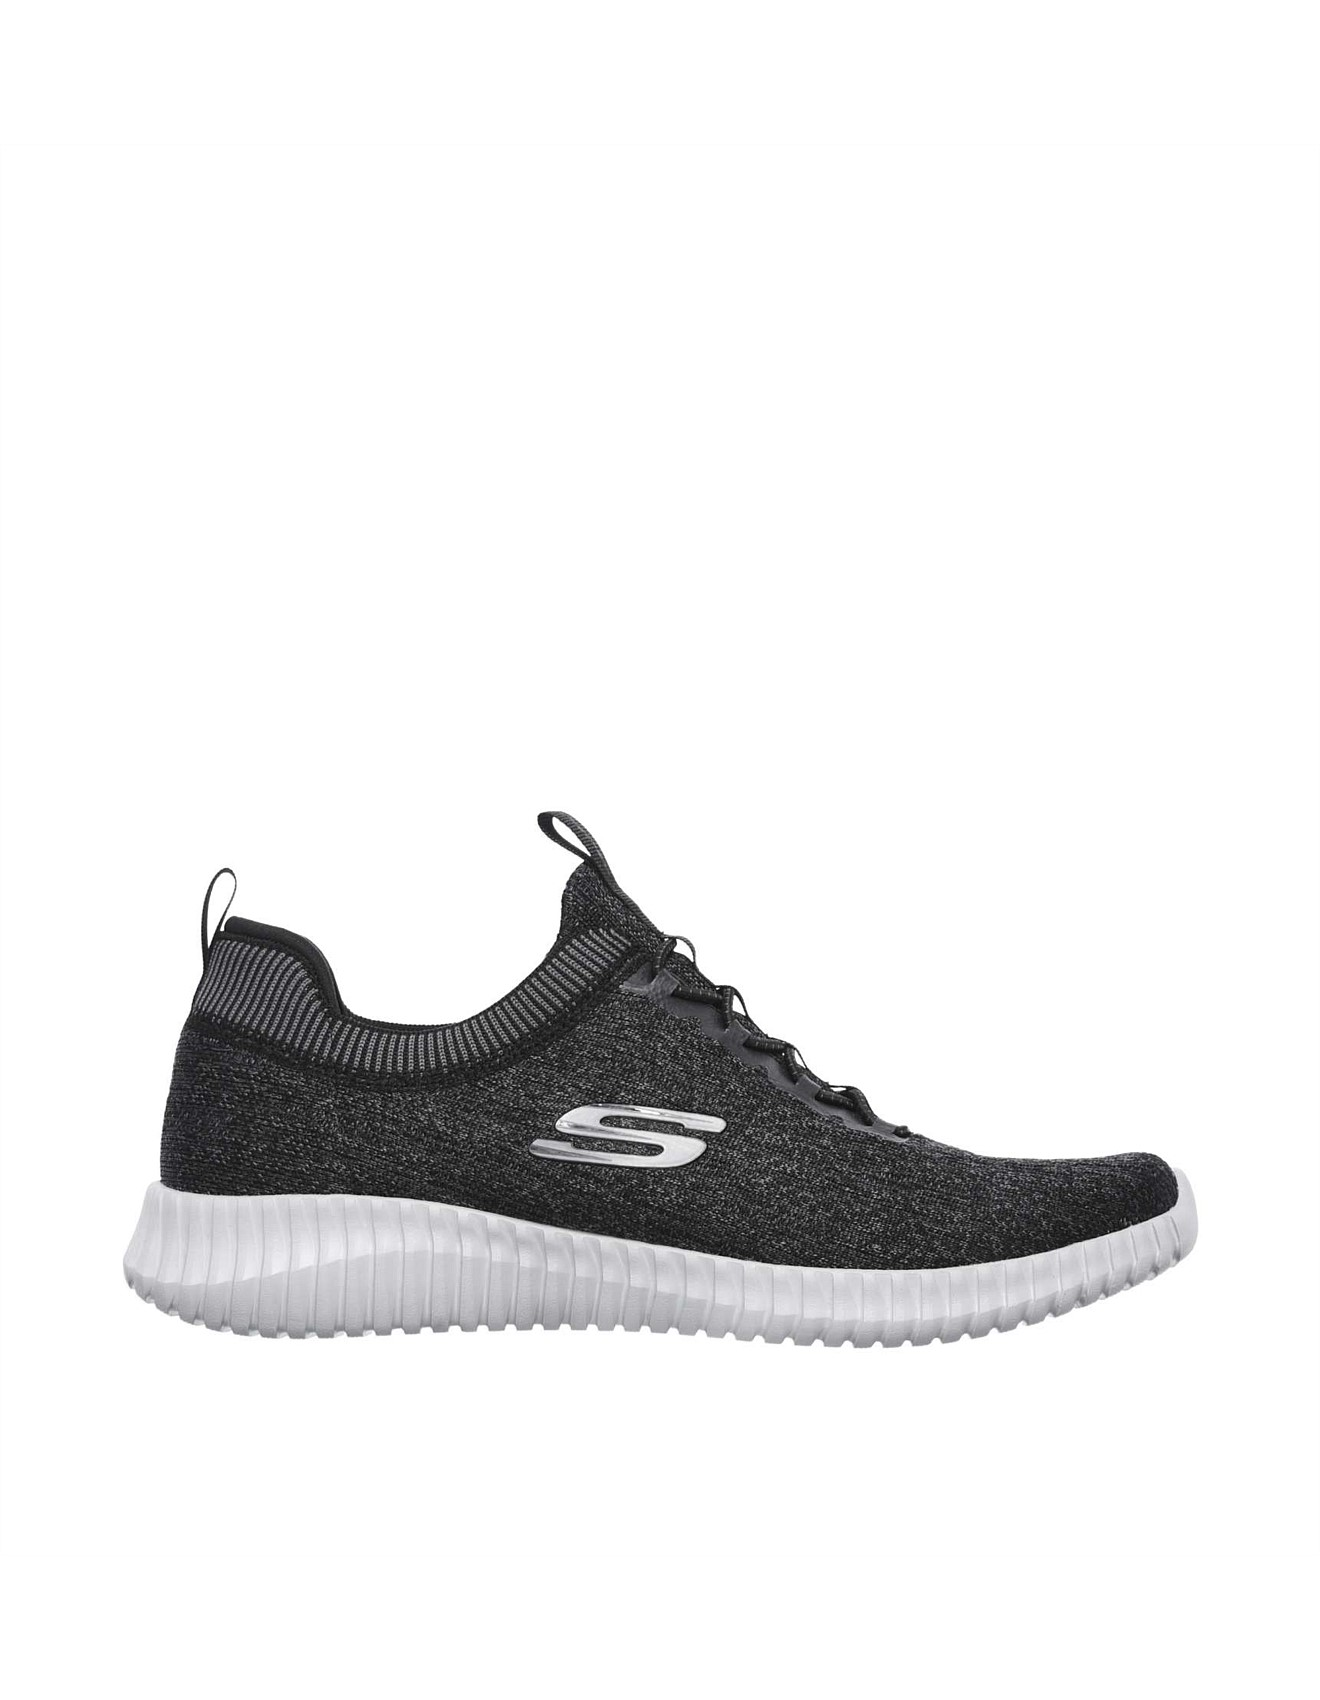 Kaufen 2019 Skechers Elite Flex Hartnell Herren Sneaker